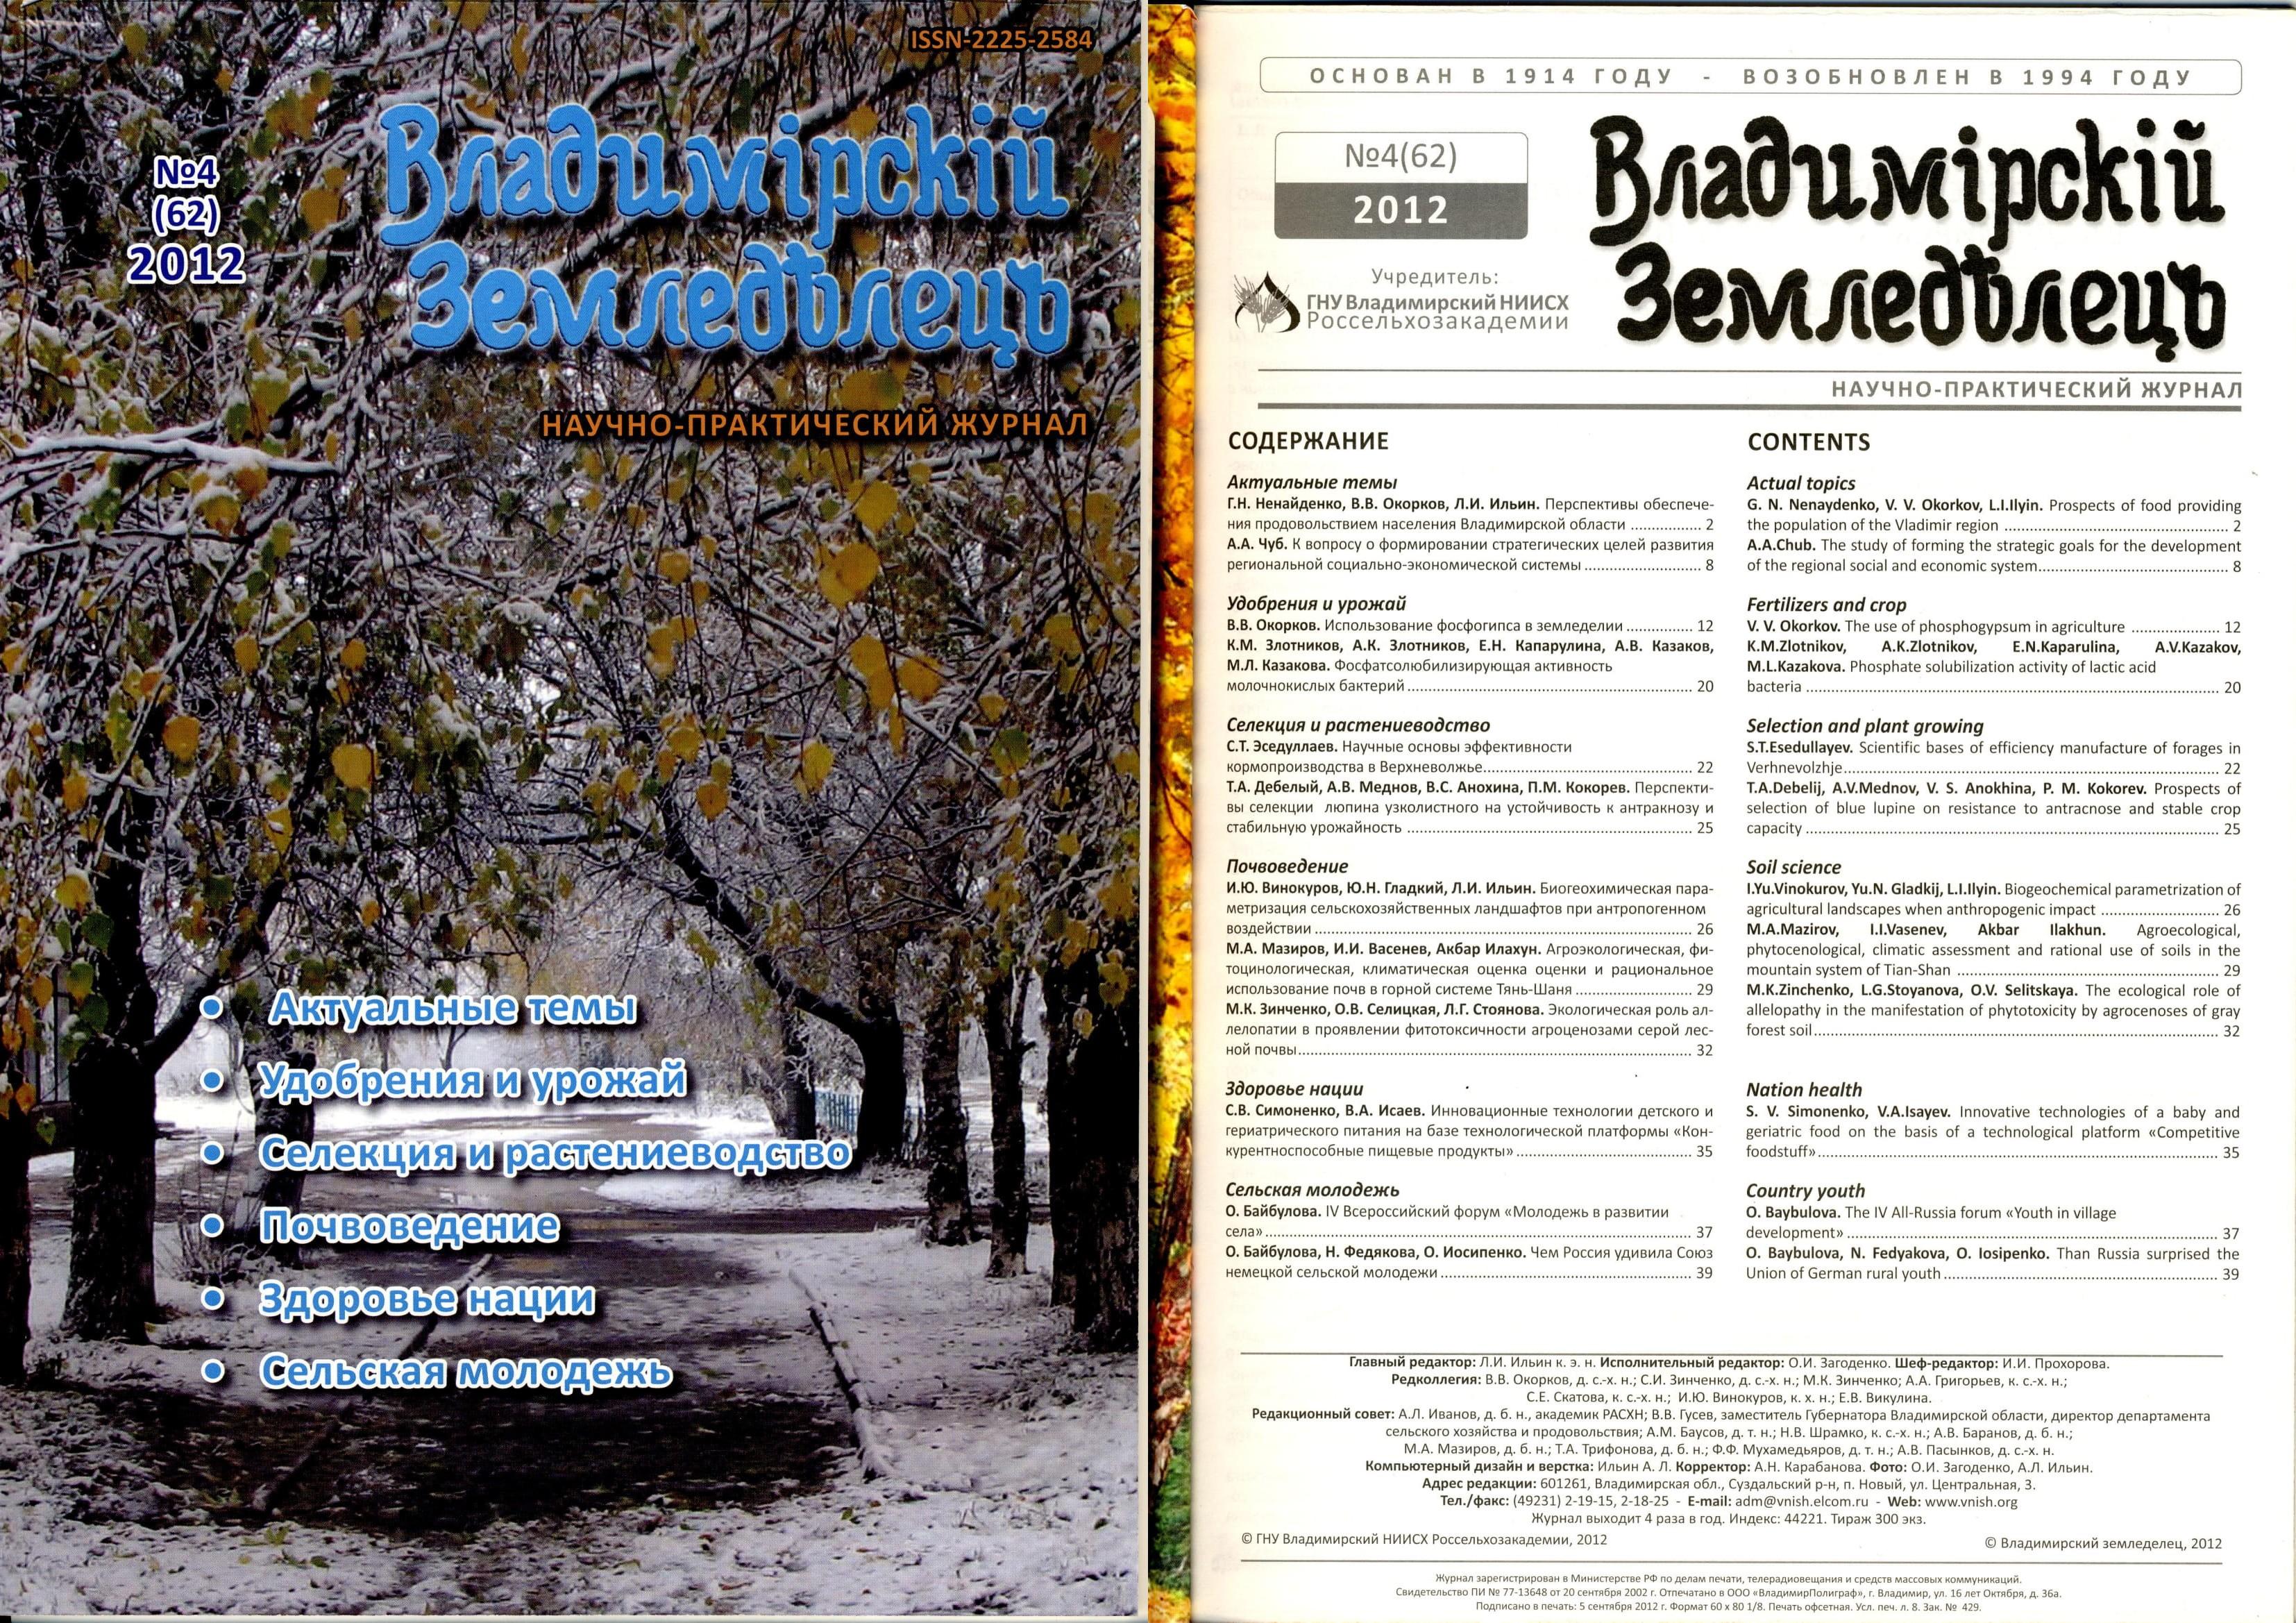 Владимирский земледелец 4(62) 2012